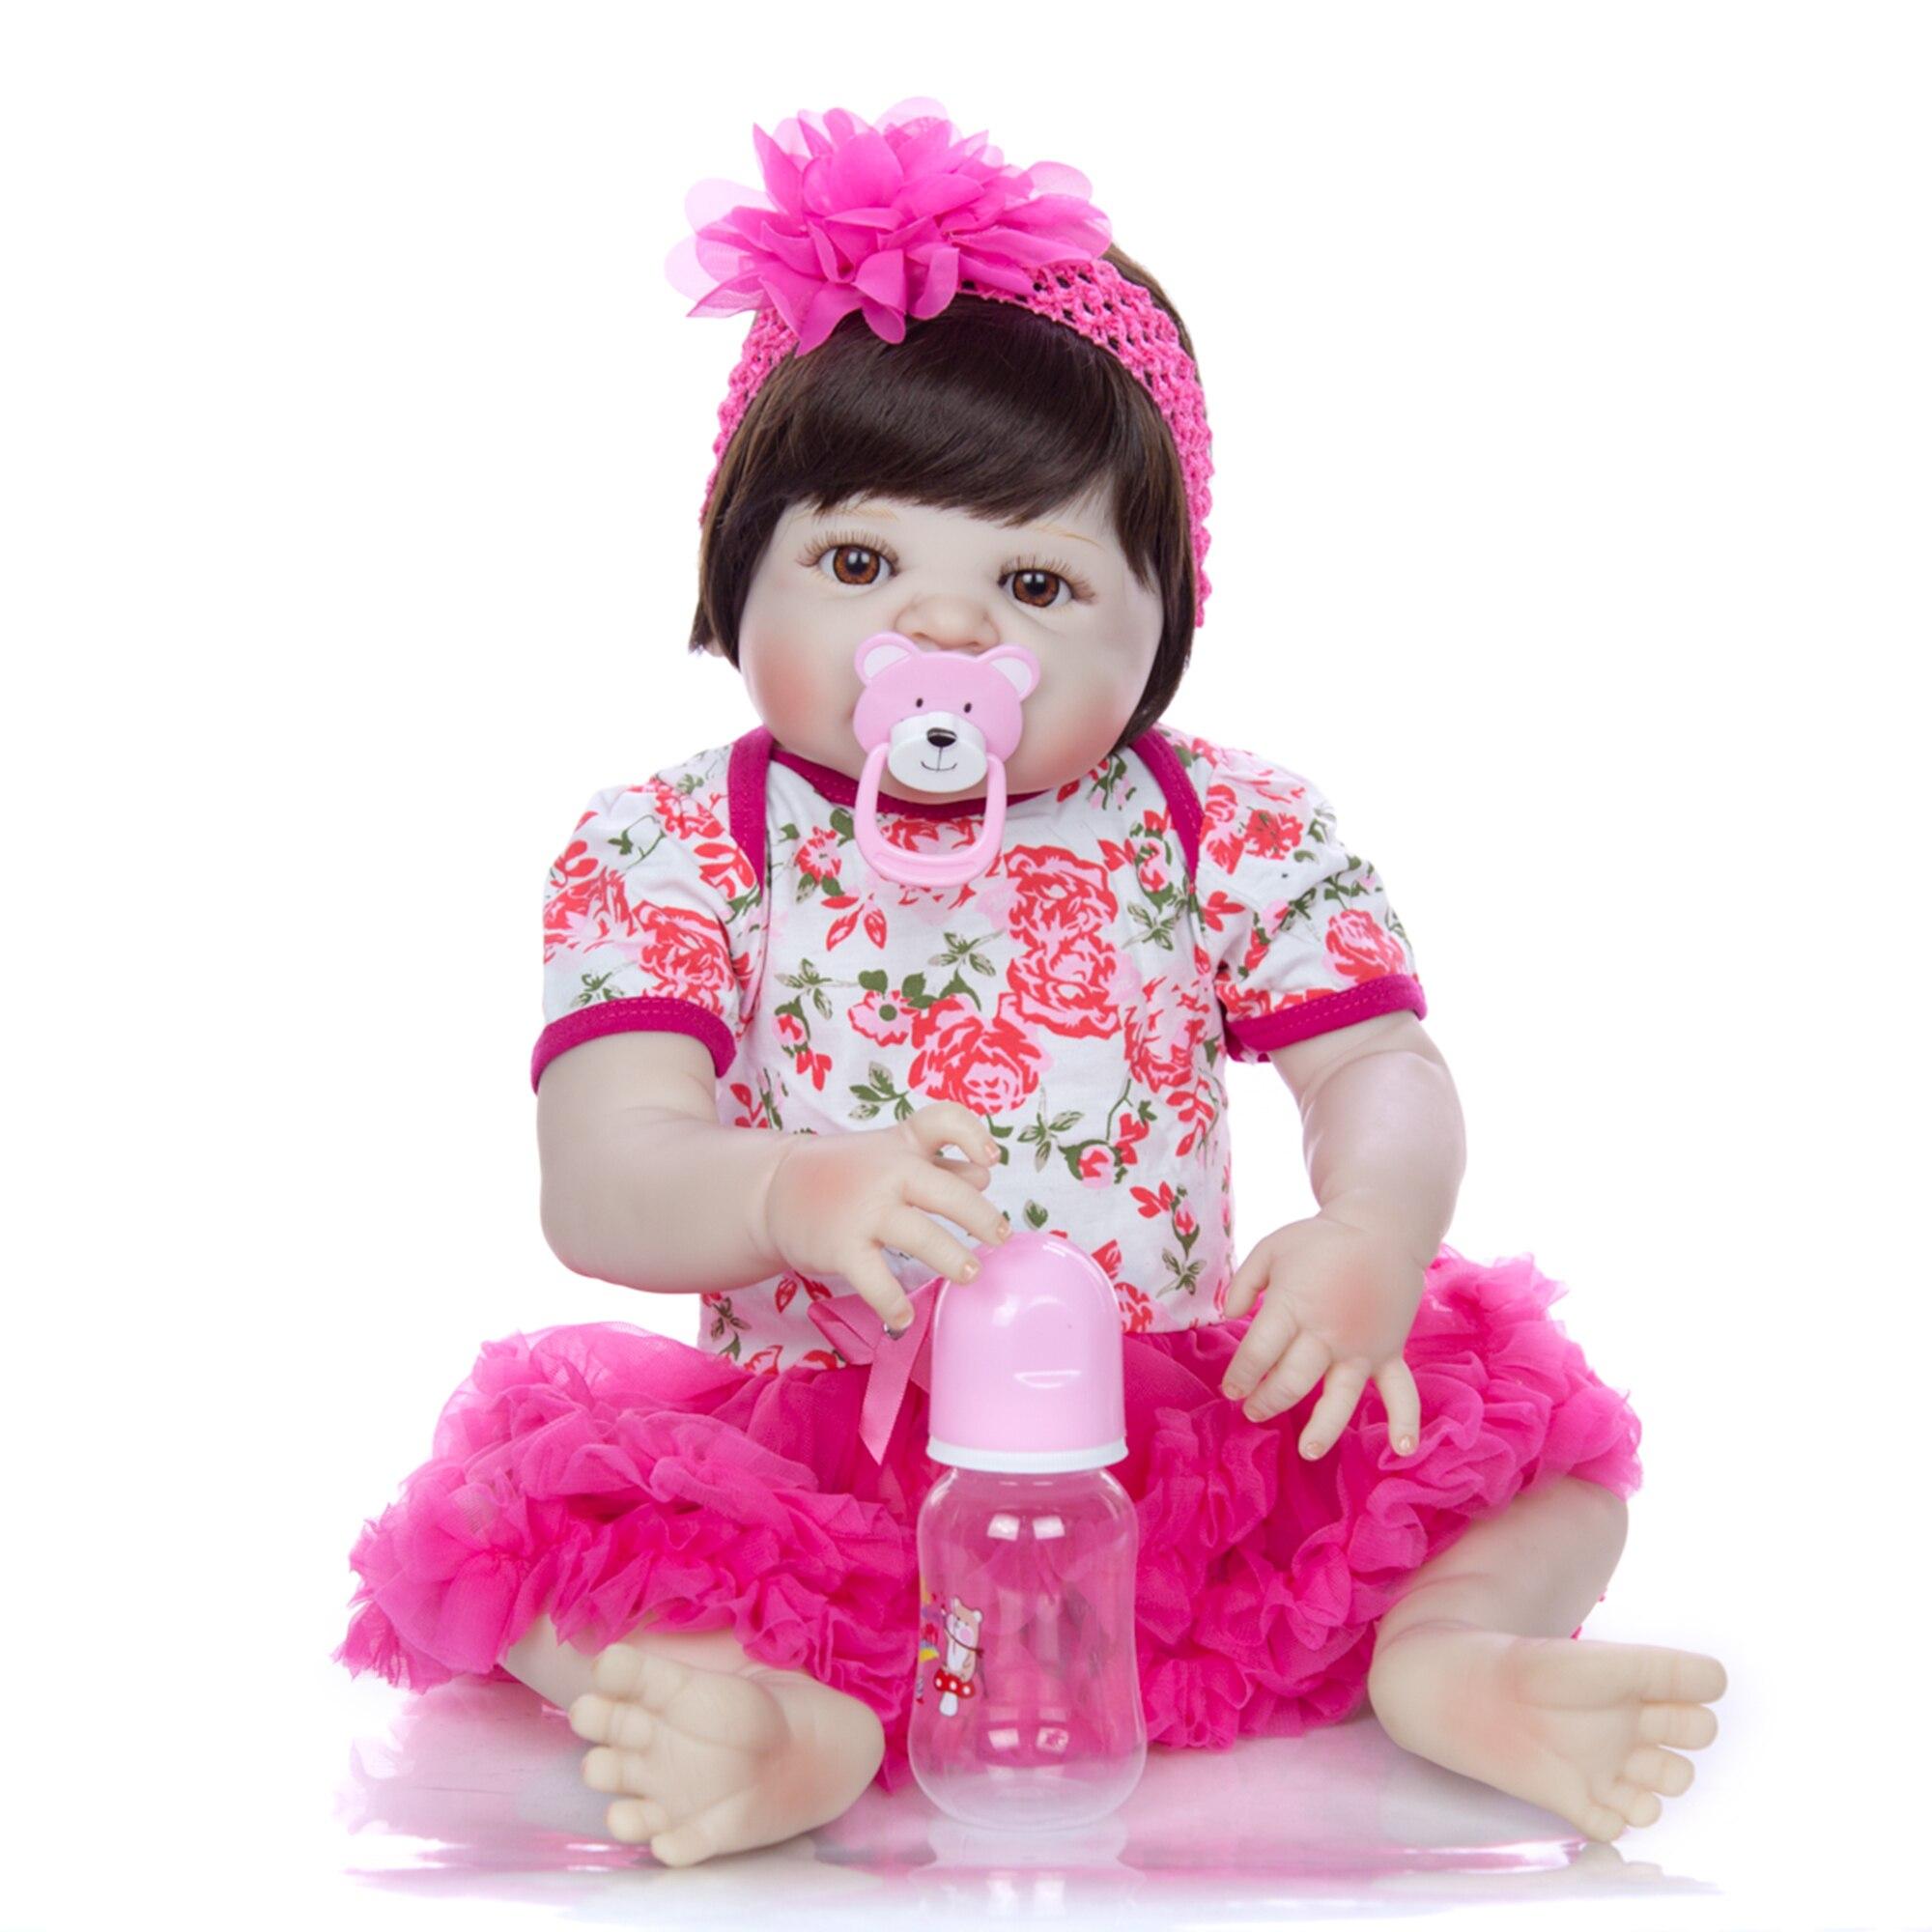 Zoete Prinses Reborn Baby 23 ''Volledige Vinyl Body Siliconen Baby Poppen True te Willen Boneca Pasgeboren Pop Voor Meisje brinquedos Geschenken-in Poppen van Speelgoed & Hobbies op  Groep 3